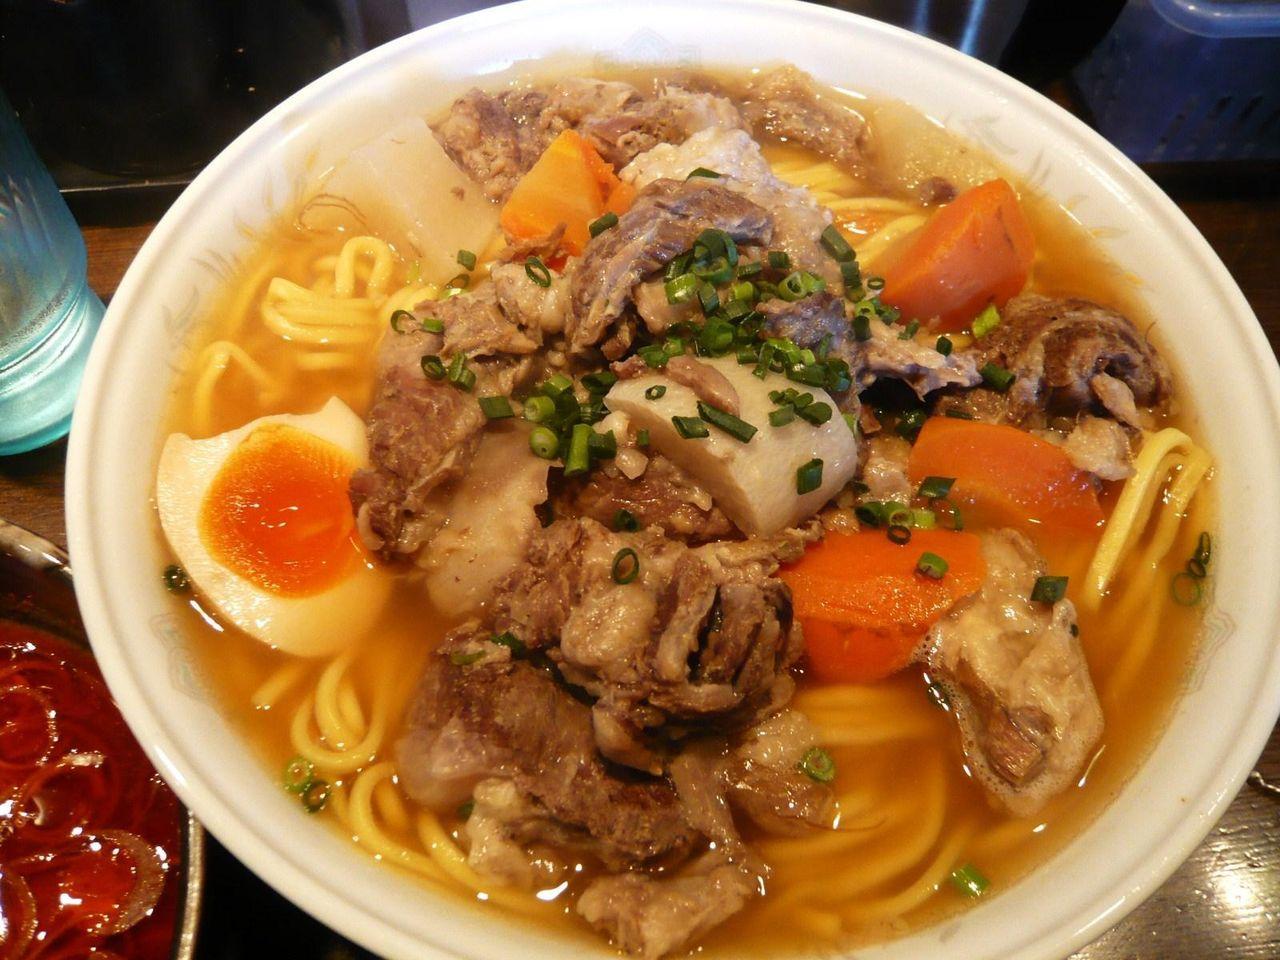 麺は、ラーメンのような熱々の状態で提供されます。